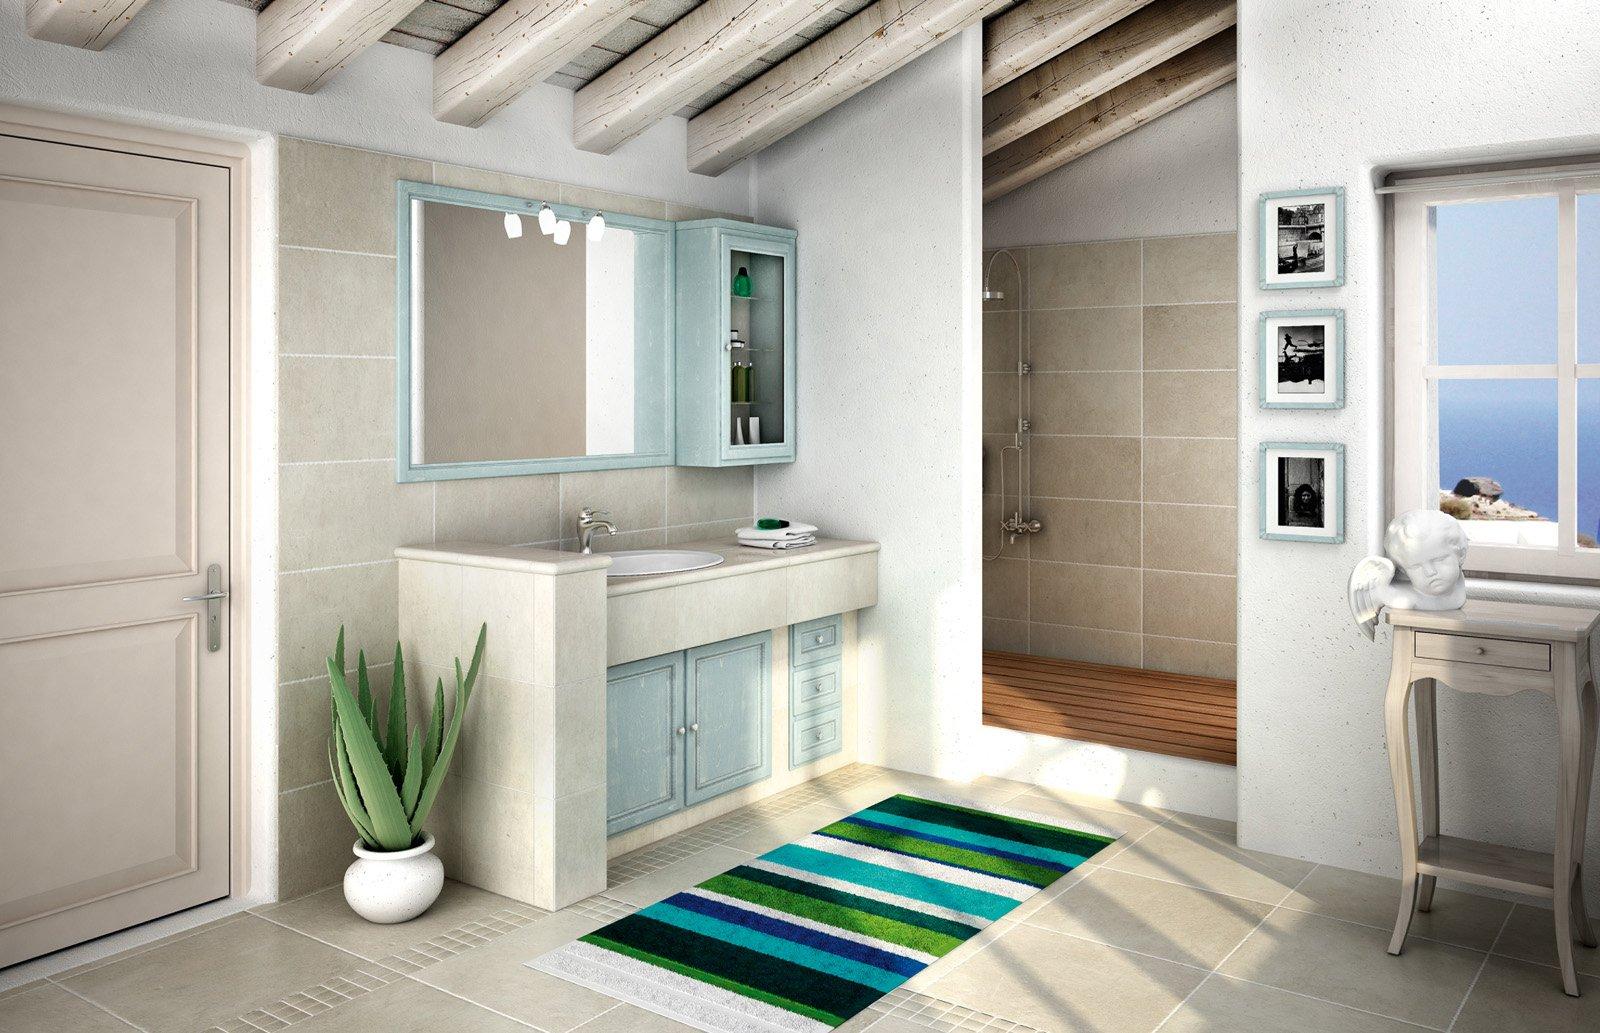 Mobile bagno classico effetto muratura cose di casa - Mobili bagno immagini ...